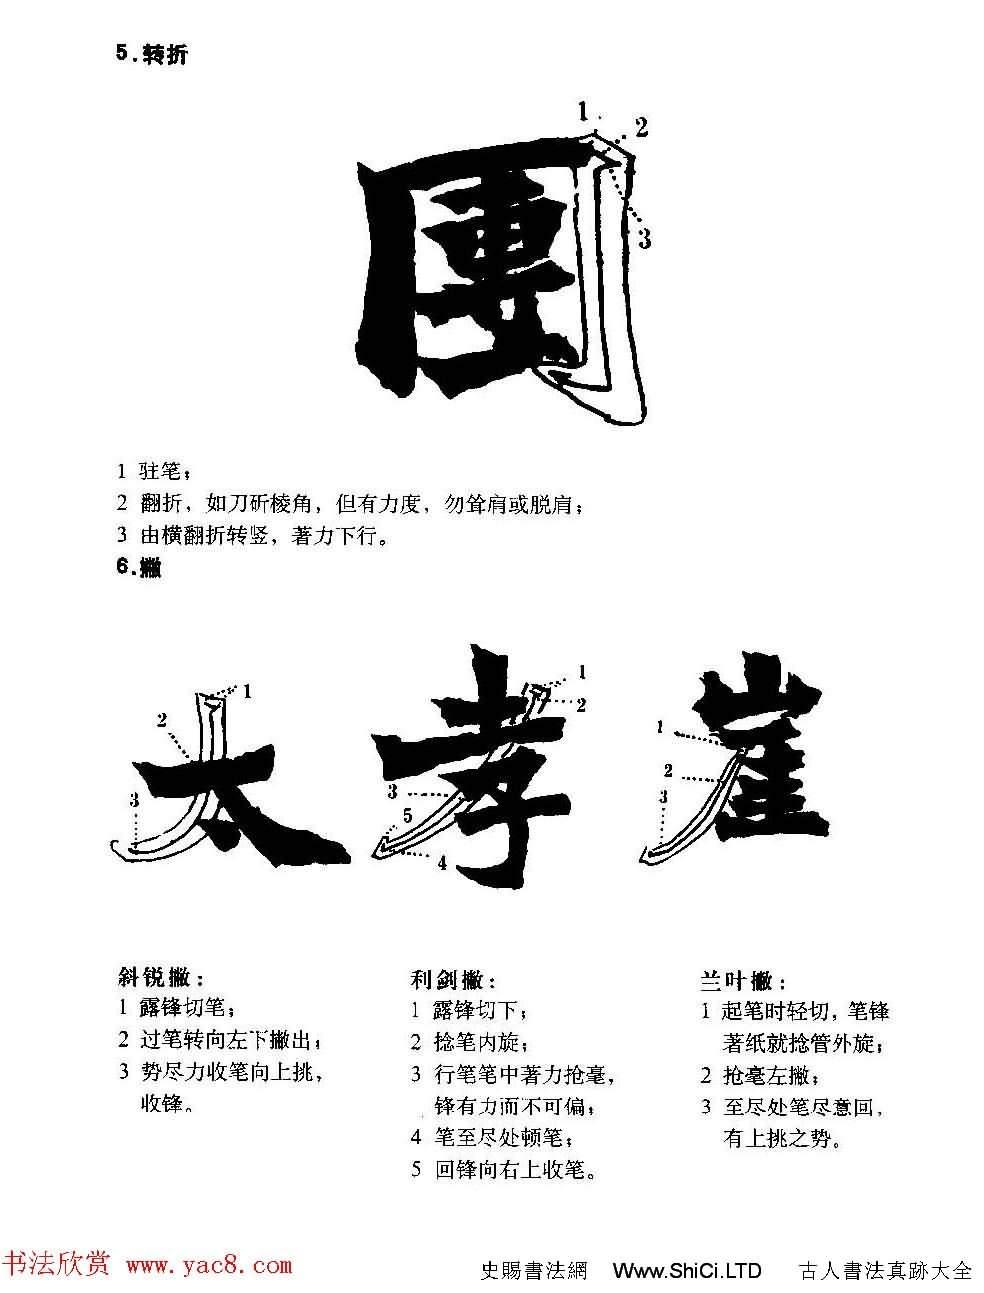 圖文教材_怎樣寫魏碑與怎樣臨習張猛龍碑